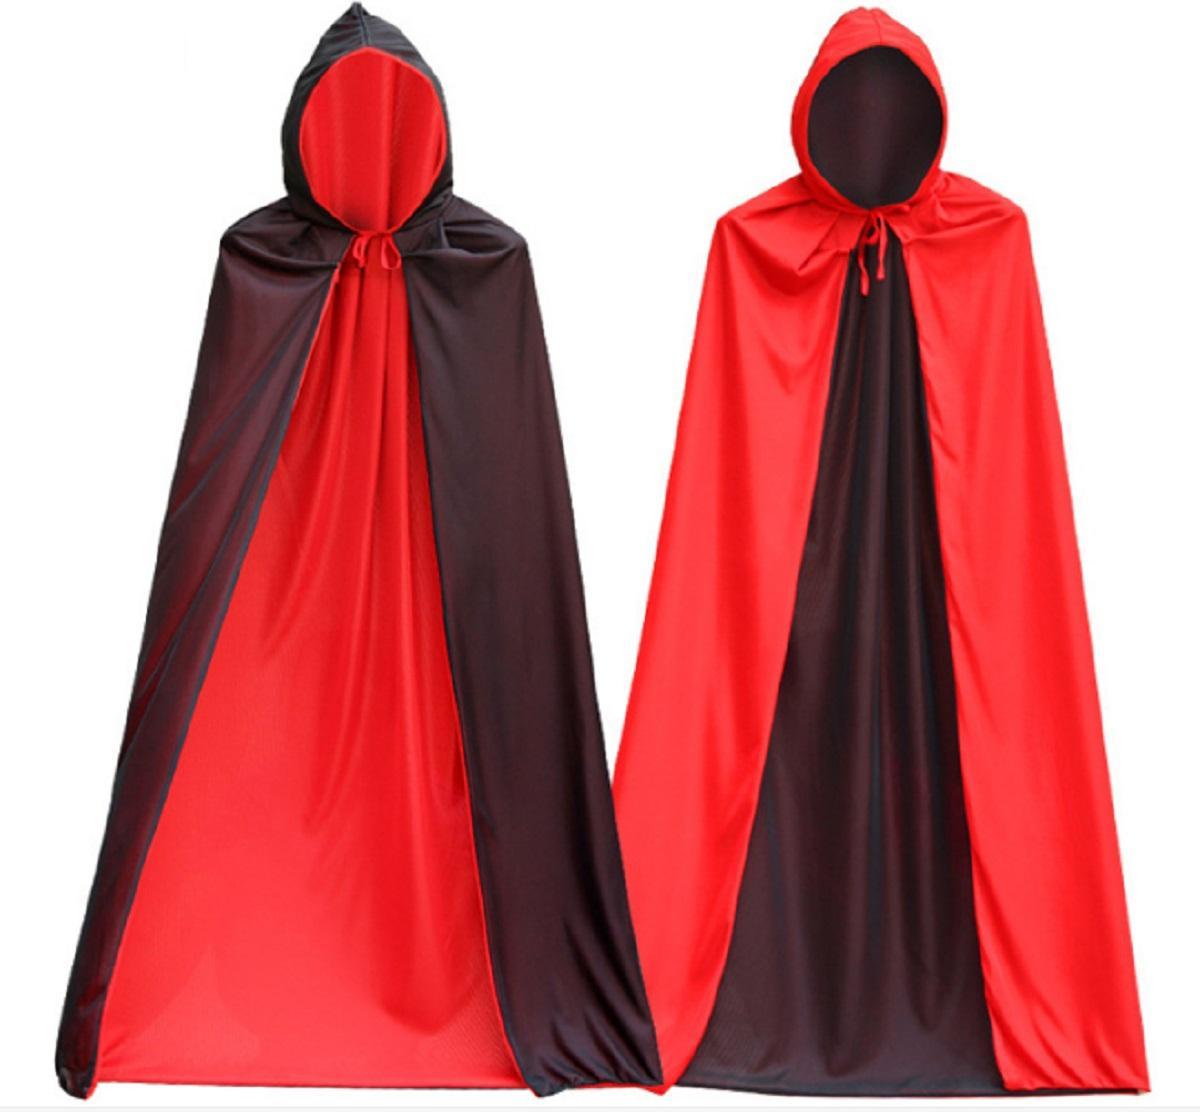 compre fato de vampiro muito legal masculino capa preta com boné